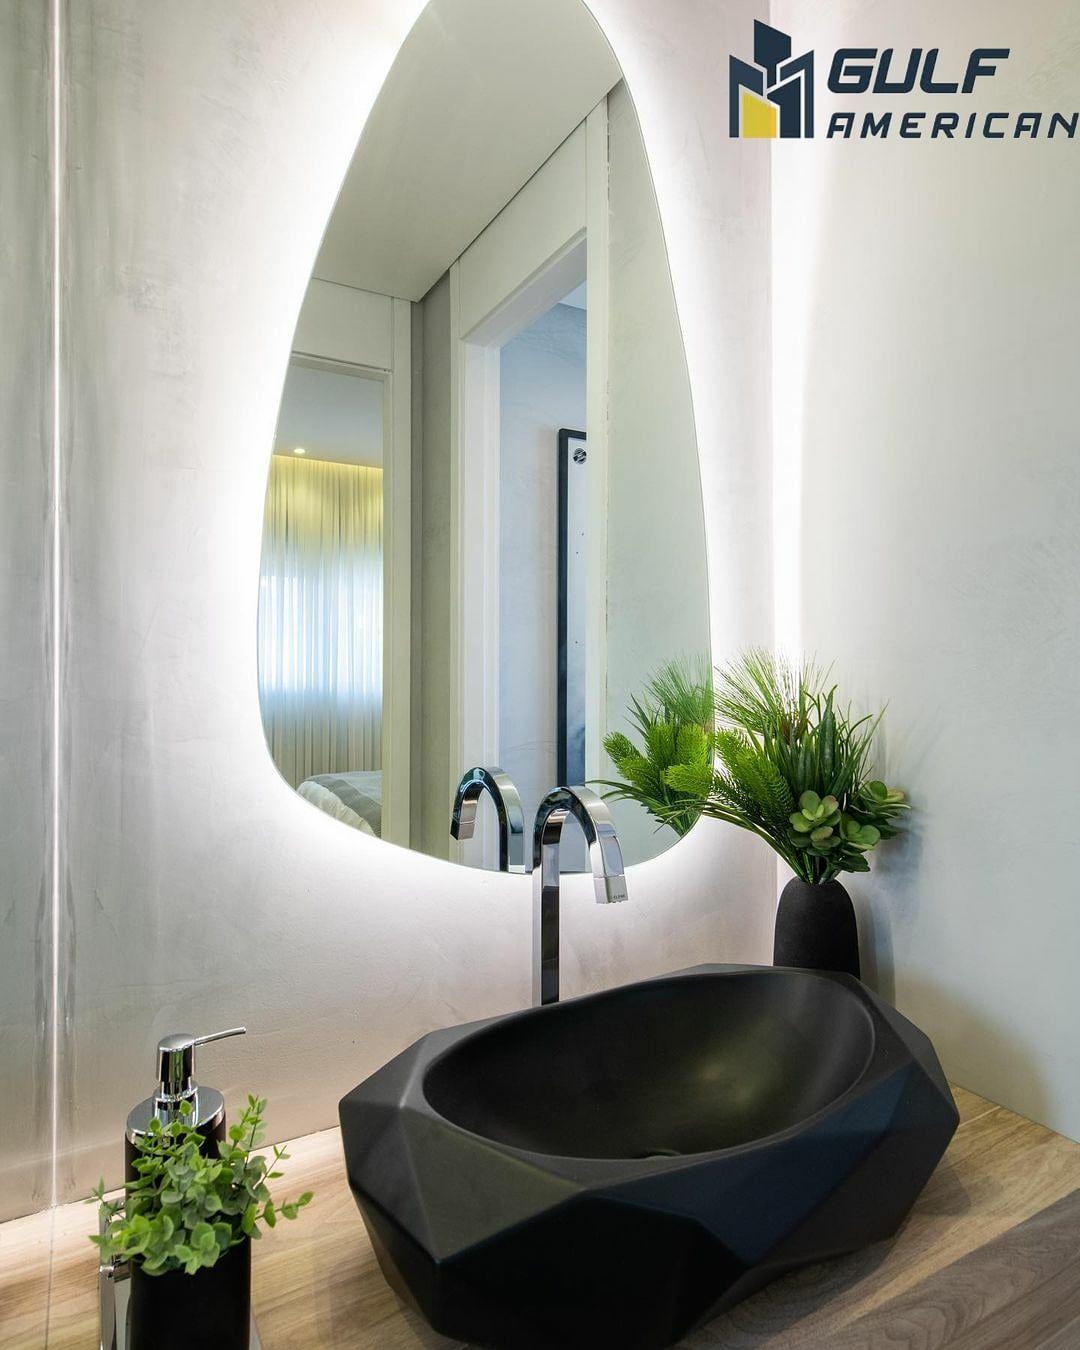 مقاول الكويت 99134277مقاول ترميمات مقاولات عامة حمامات سباحة ديكورات تصميمات Lighted Bathroom Mirror Bathroom Lighting Bathroom Mirror